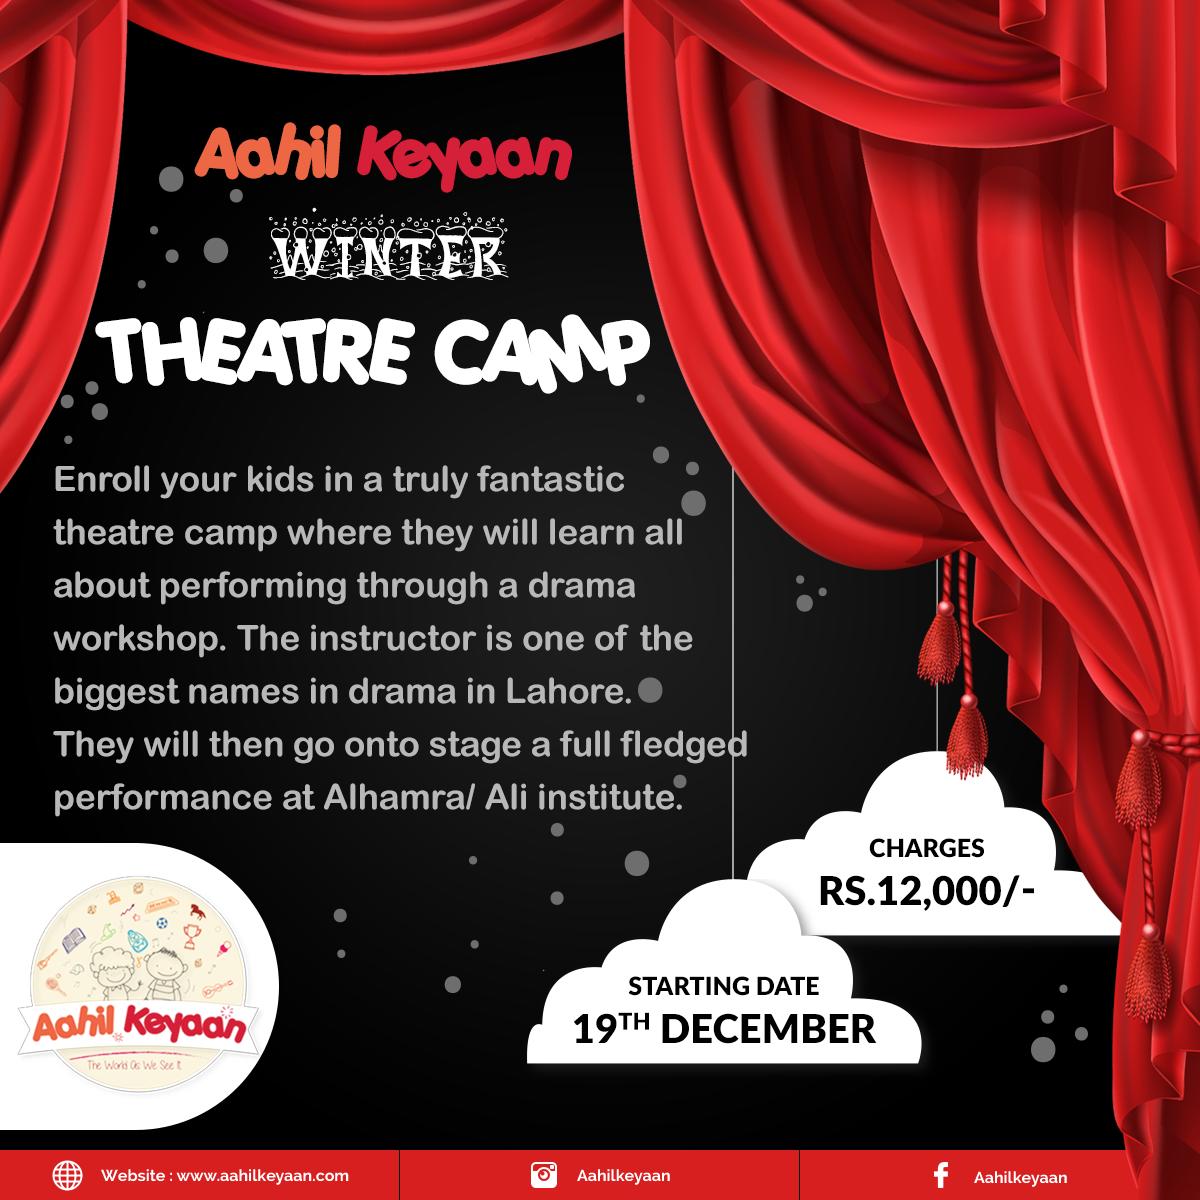 Winter Theatre Camp Facebook Post Design